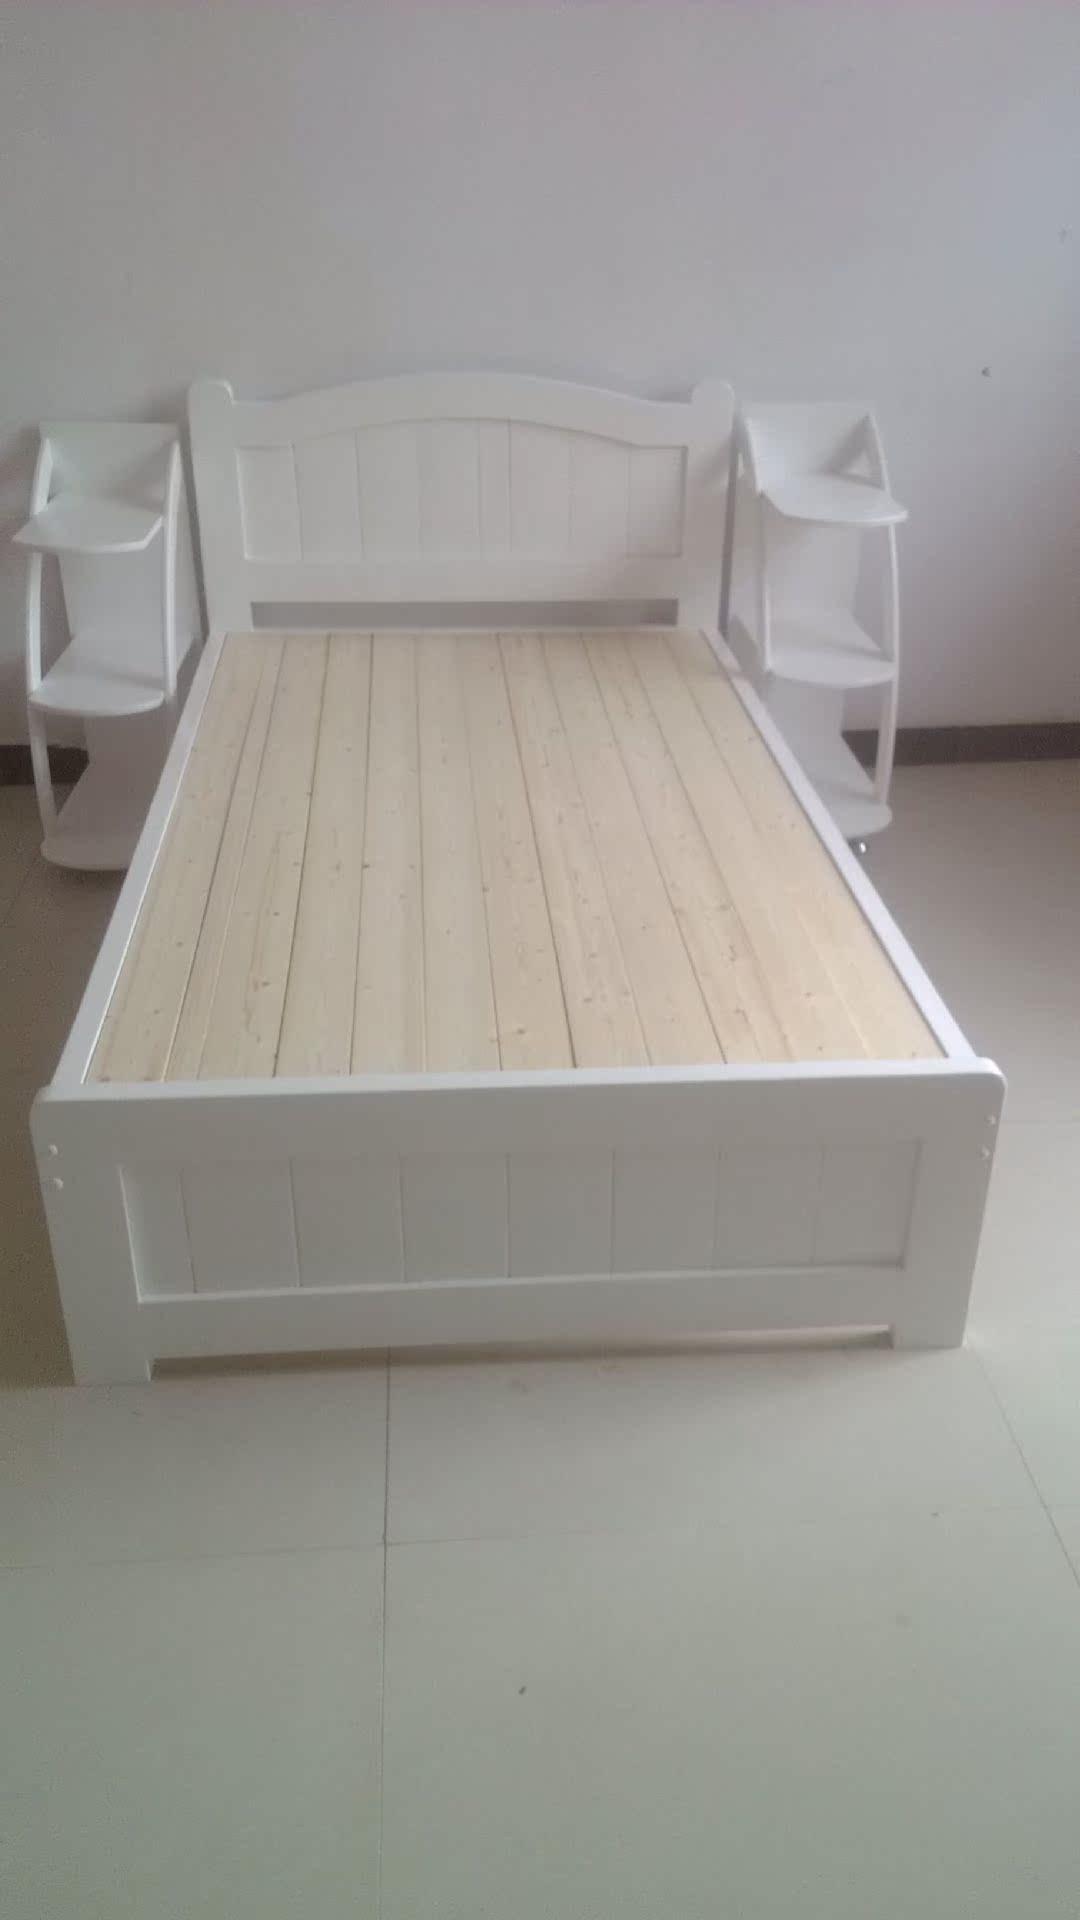 【厂家直销】实木特价单人双人床欧式简约学校儿童环保平板床家具图片